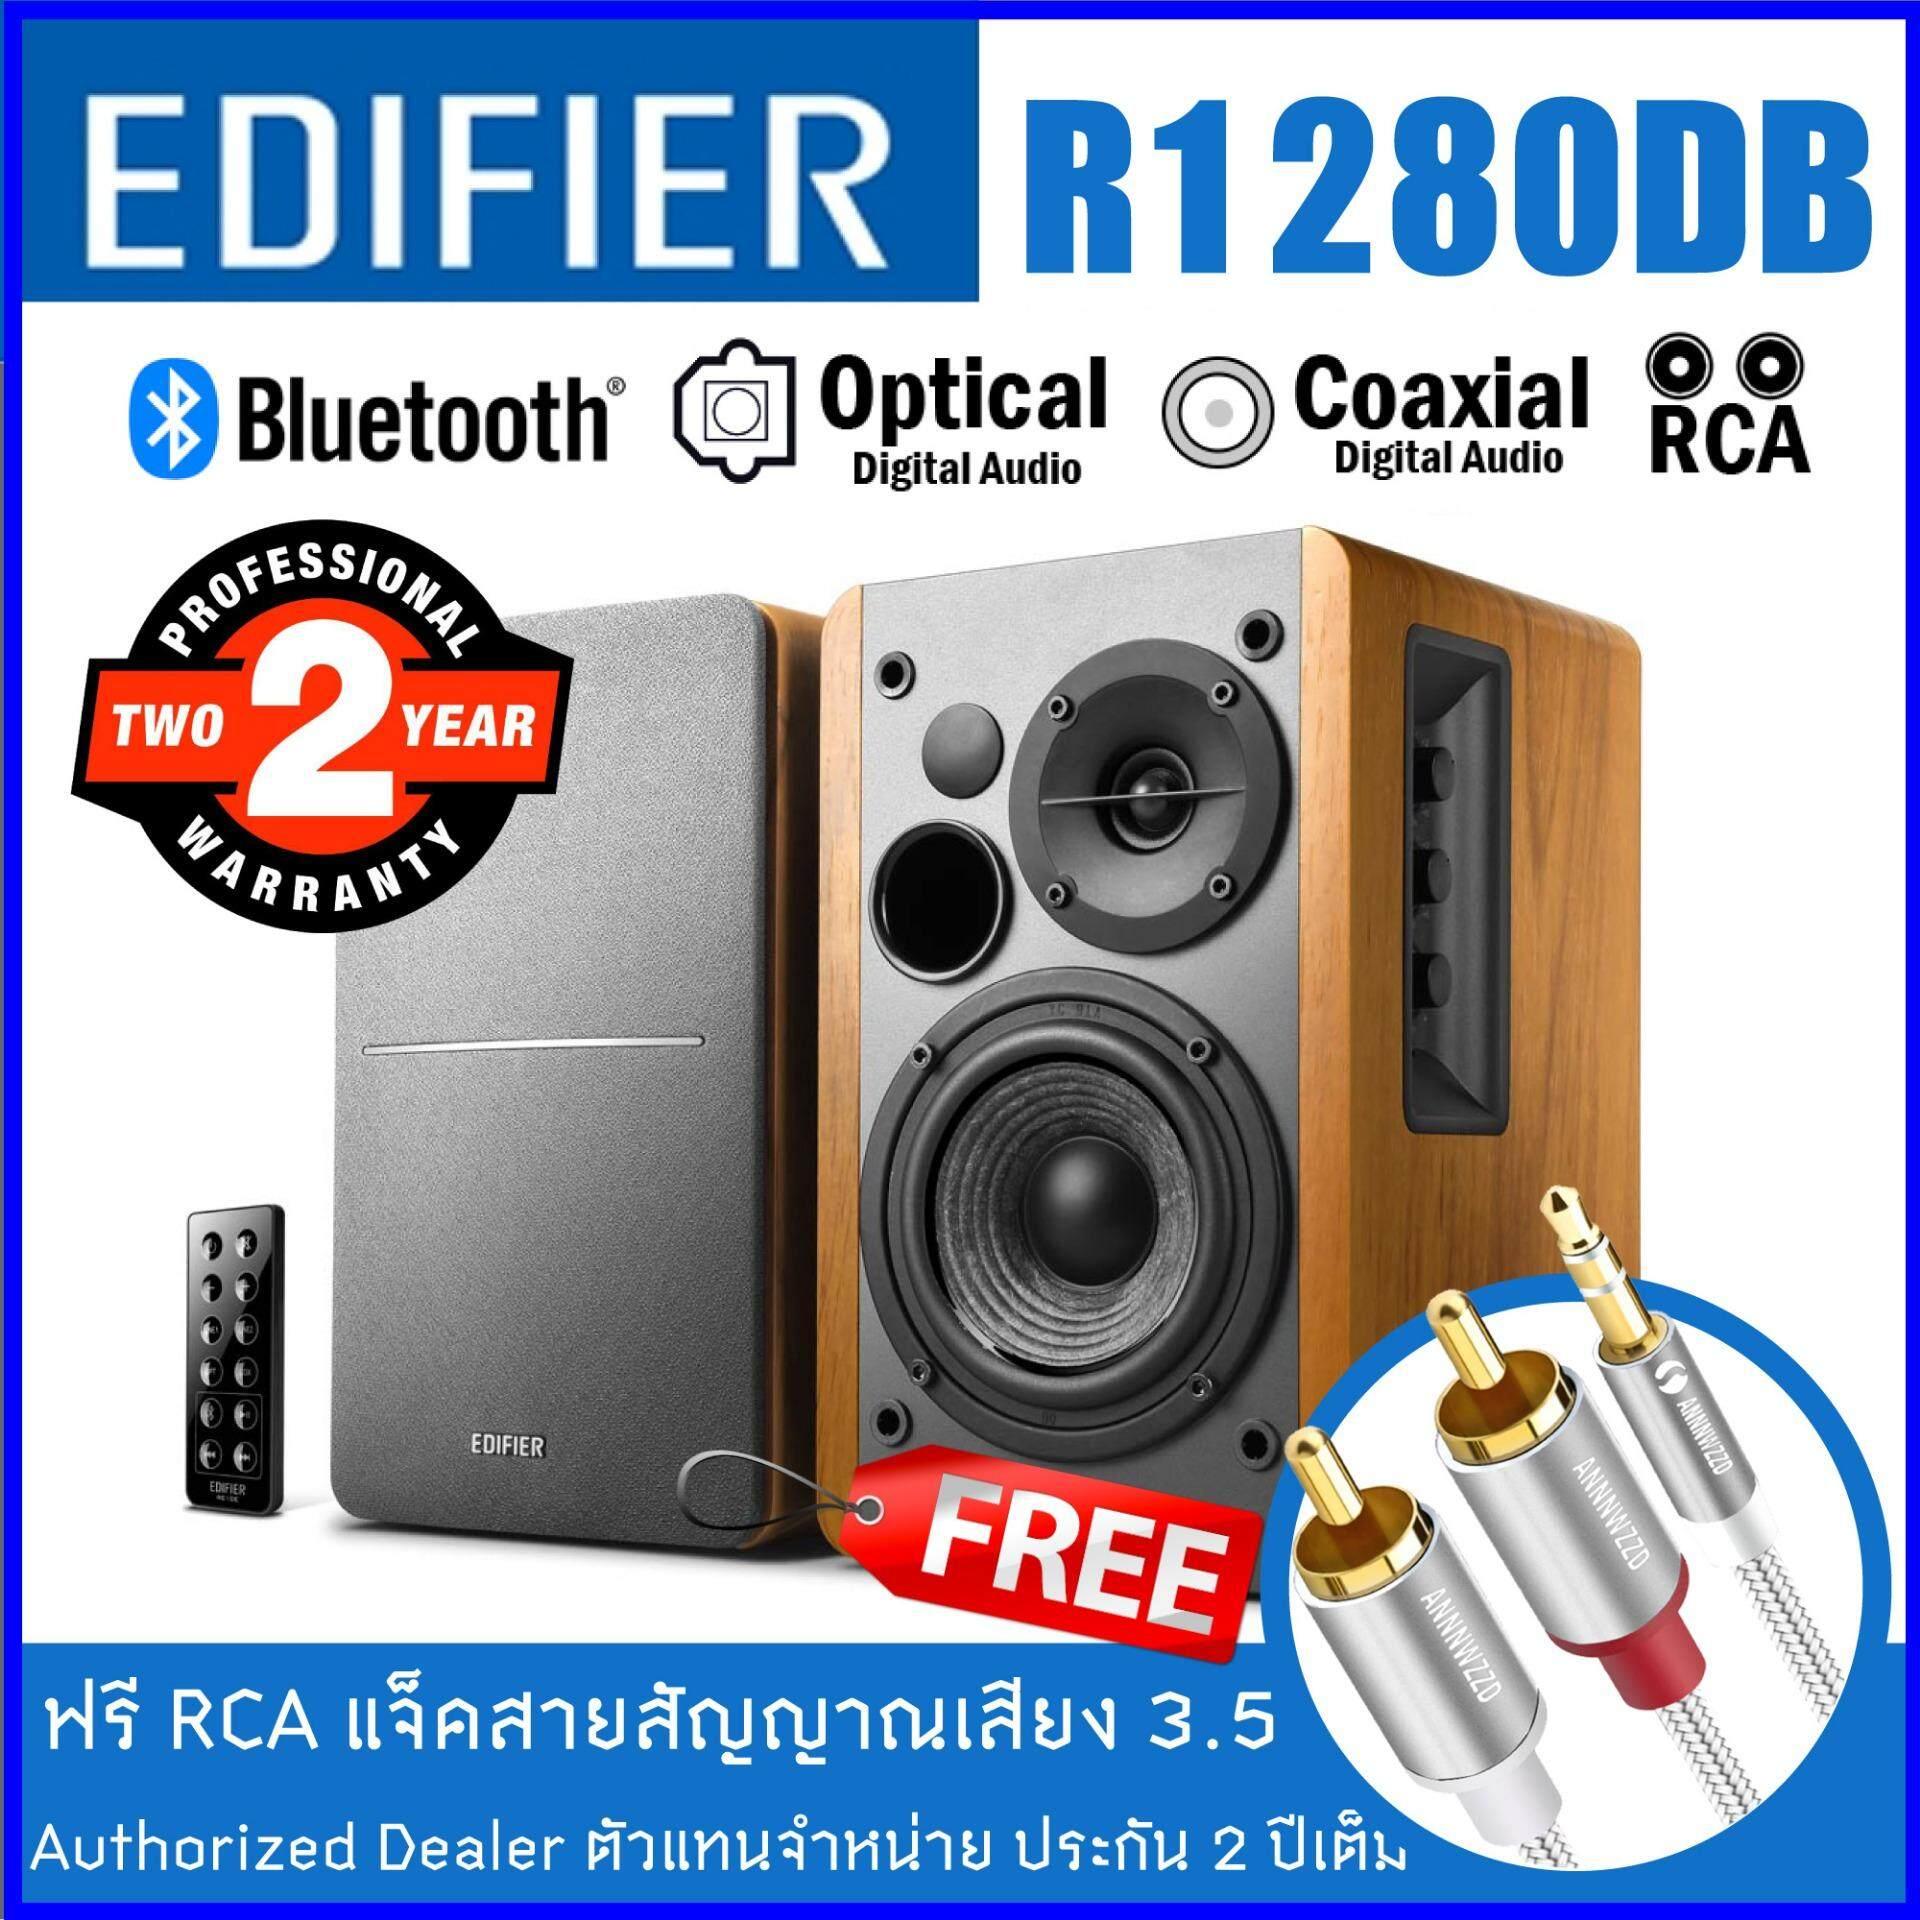 ตาก EDIFIER Studio R1280DB (42 Watt) รับประกัน 2 Year จากบริษัท LNT ผู้นำเข้า Edifier อย่างเป็นทางการ